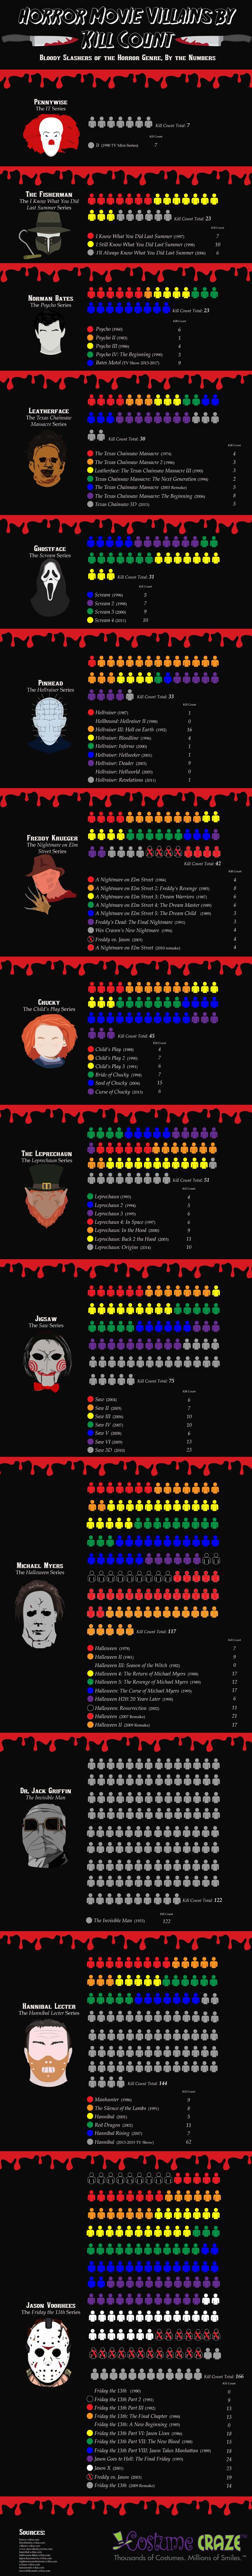 Horror Movie Villain Kill Count